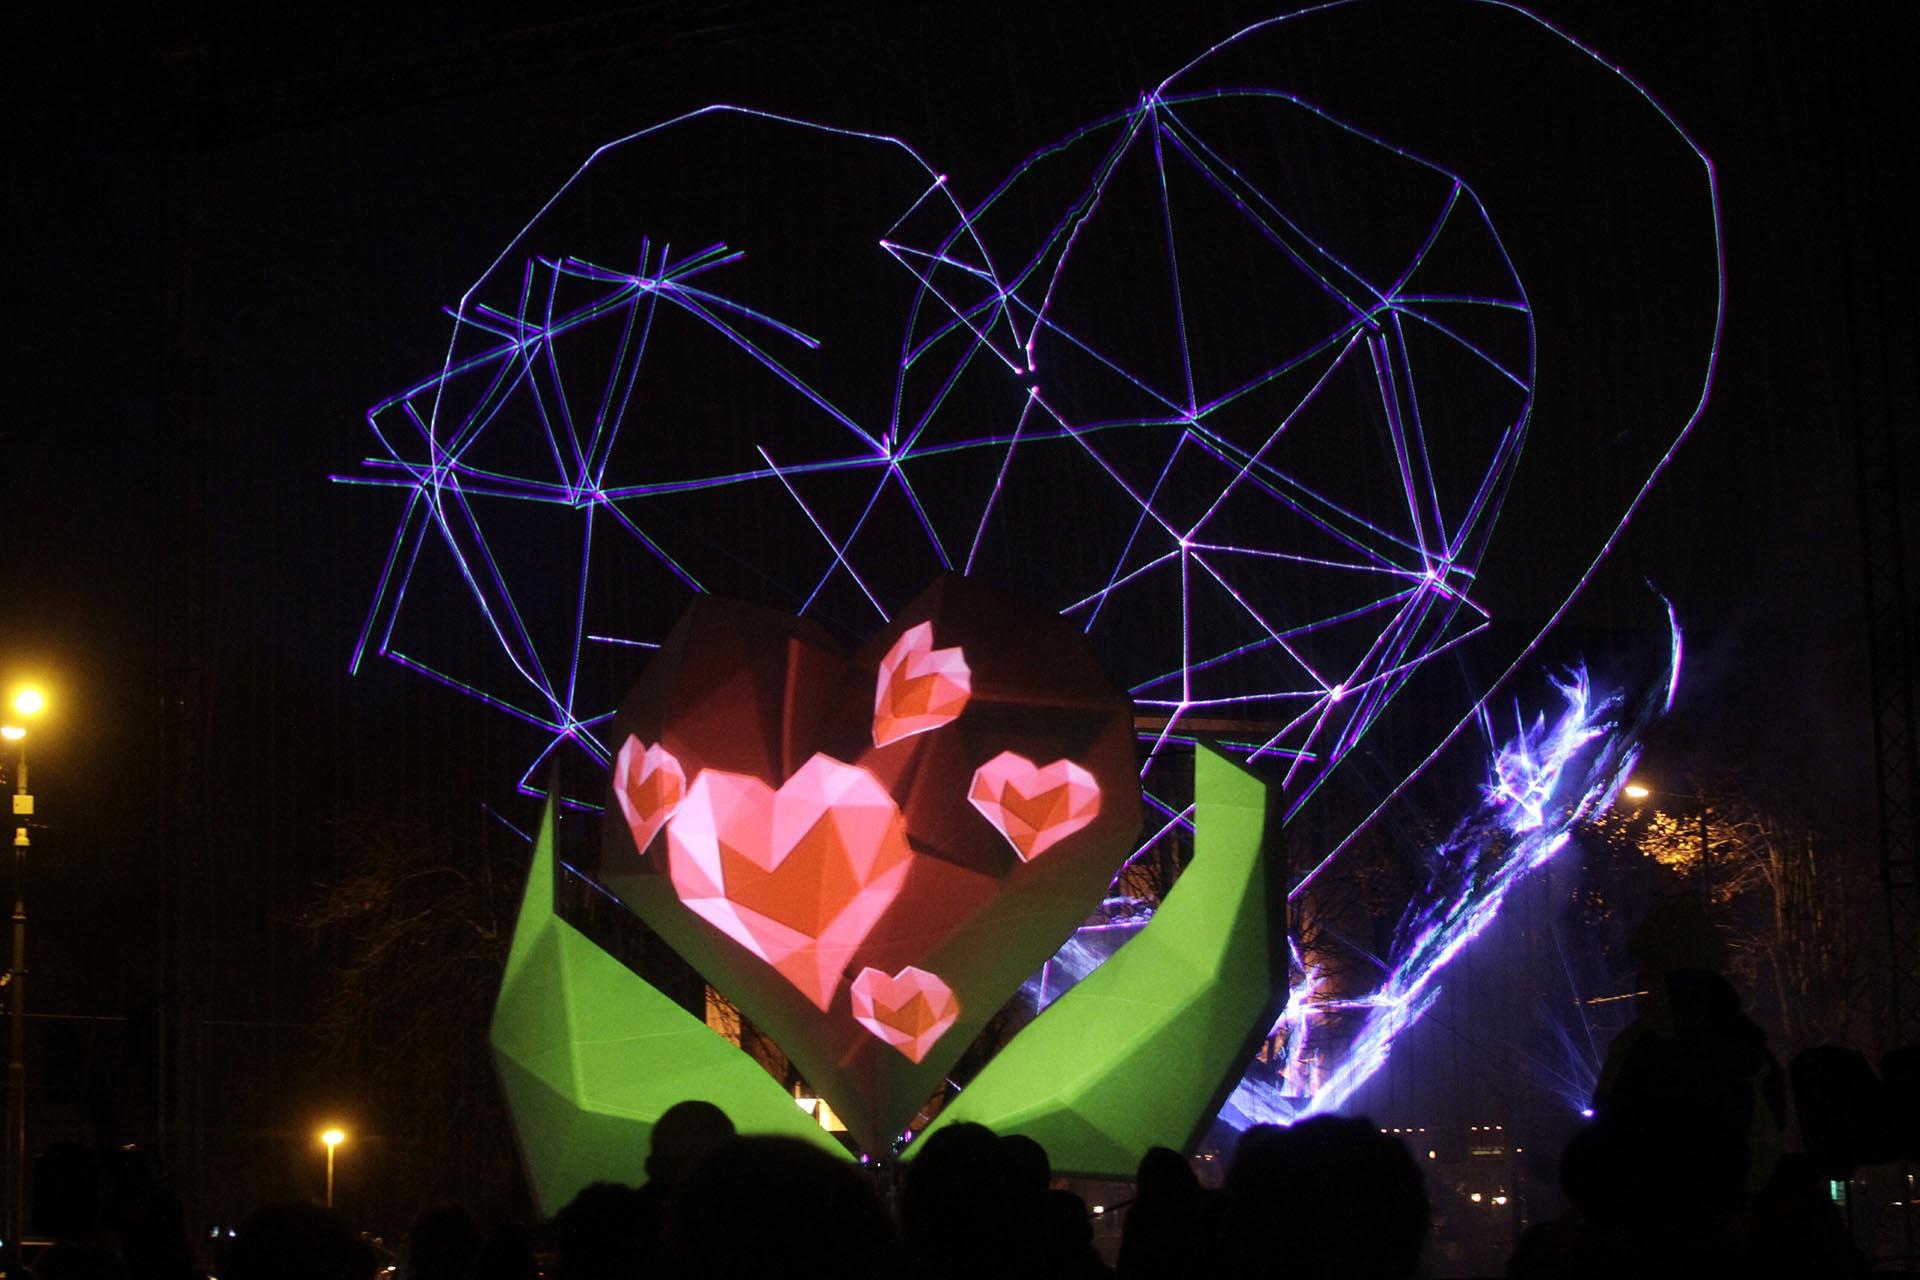 Световая инсталляция во время традиционного фестиваля света Staro Riga, Латвия, 19 ноября 2016 года. EPA / VALDA KALINA